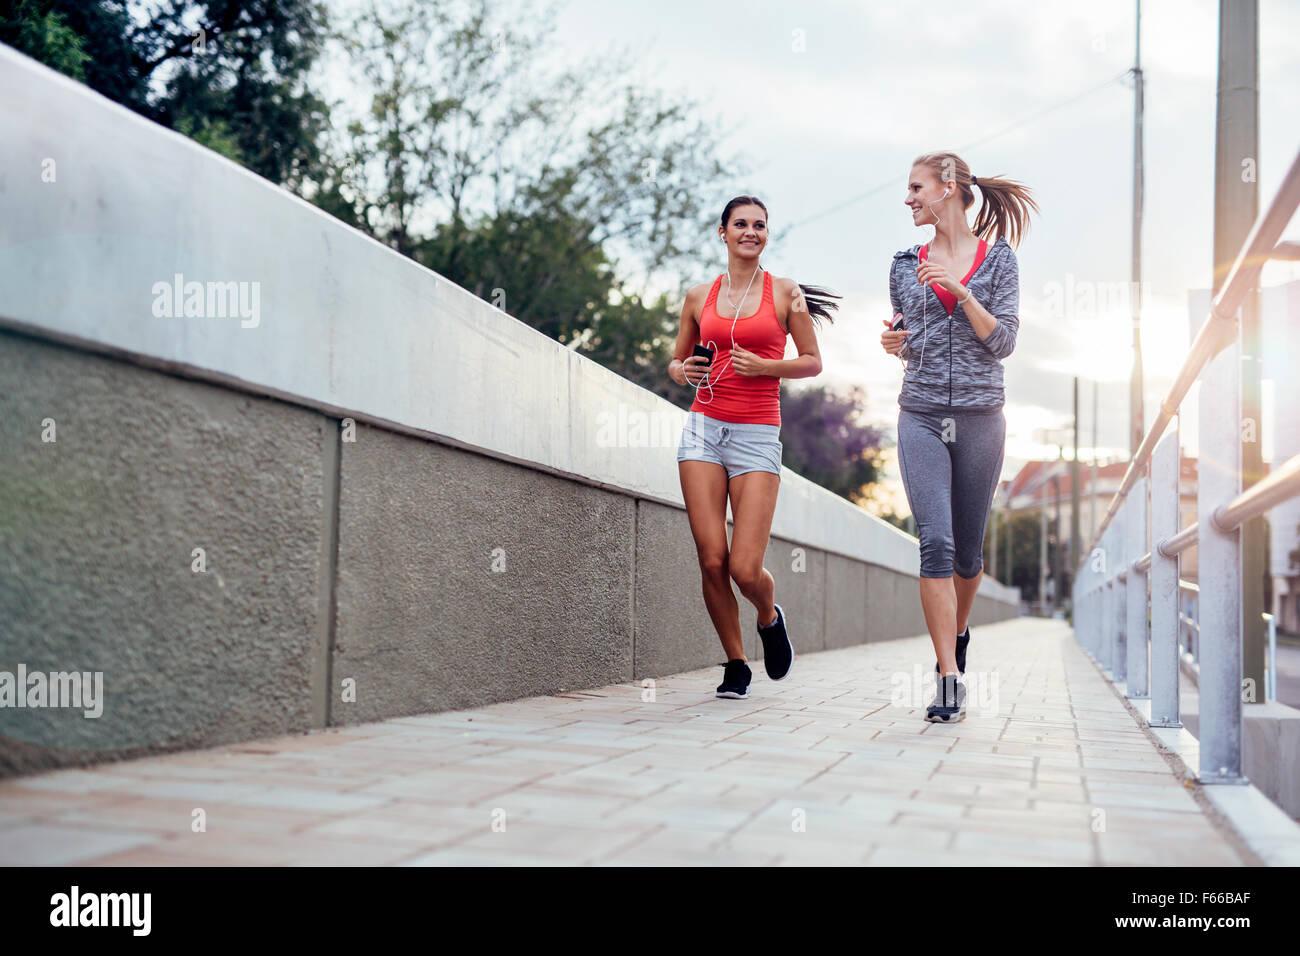 Schöne Landschaft von zwei weiblichen Jogger verfolgt ihre Aktivitäten im Freien in der Stadt in der Dämmerung Stockbild